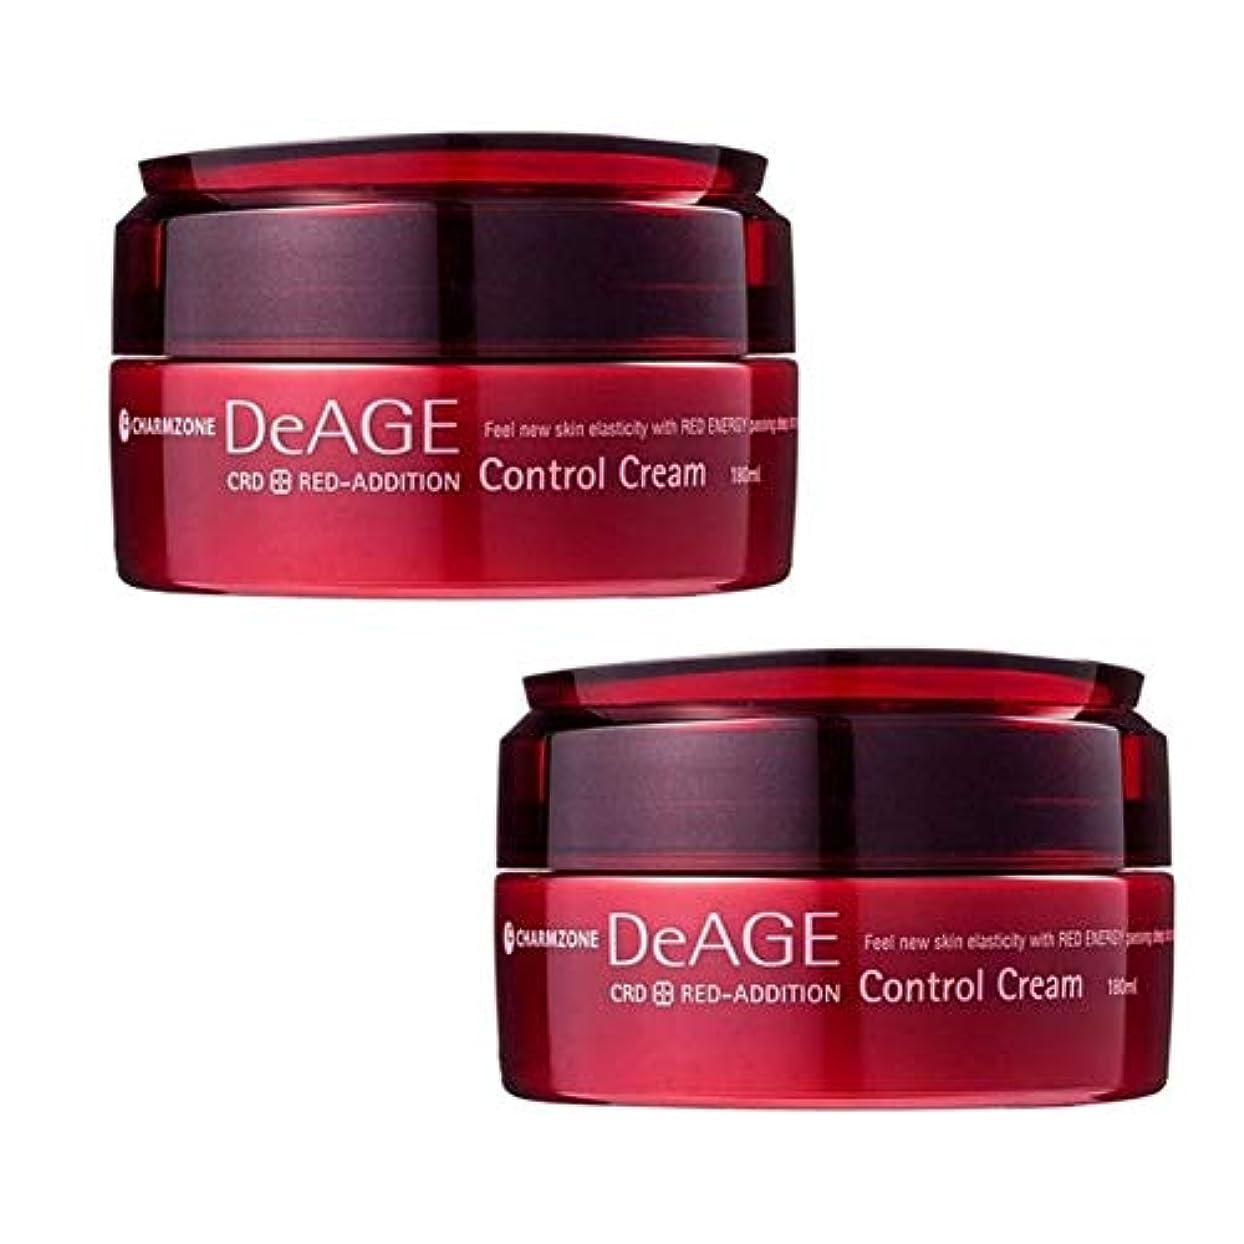 写真を描く郵便物四回チャムジョンディエイジレッドエディションコントロールクリーム180ml x 2本セットマッサージクリーム、Charmzone DeAGE Red-Addition Control Cream 180ml x 2ea Set...